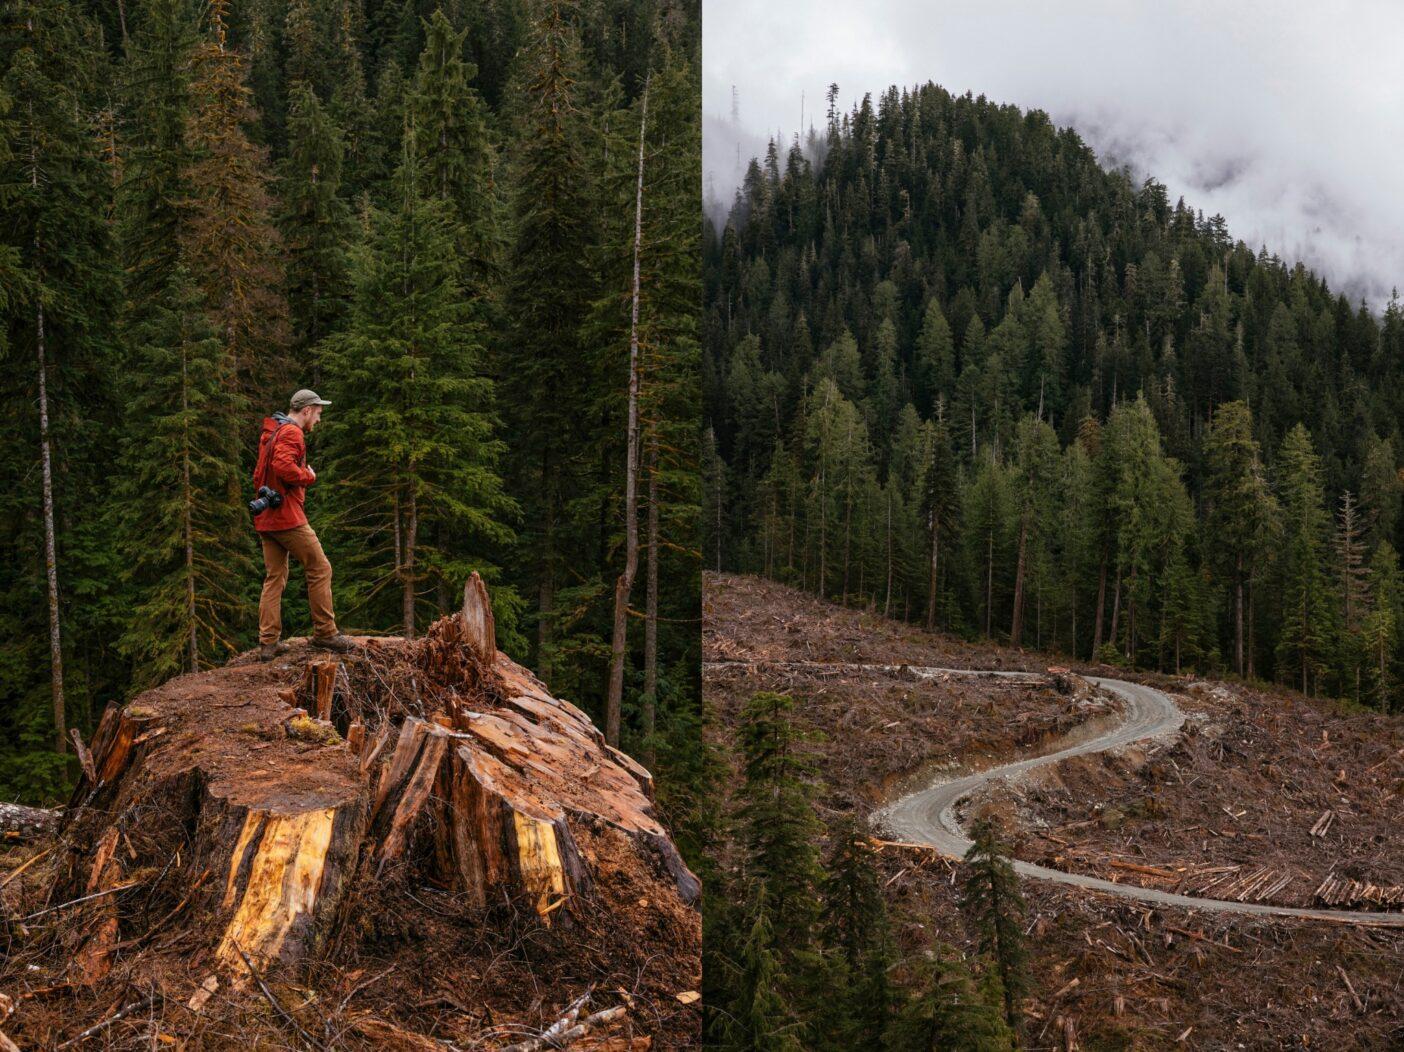 左:ベイスギの古木のほとんどは、自然に中心部が空洞になるが、それには共生菌が関連している可能性がある。しかし、そのような木は病気でも死にかけているのでもない。実際、そういう木こそ、クロクマの巣穴になるから、伐採しないでおくことが重要だ。 右:ケイキューズ川流域の最近皆伐されたベイスギ原生林の跡地を林道が蛇行する。そっとしておけば、樹木類は千年以上は生育することができる。Photos: Jeremy Koreski